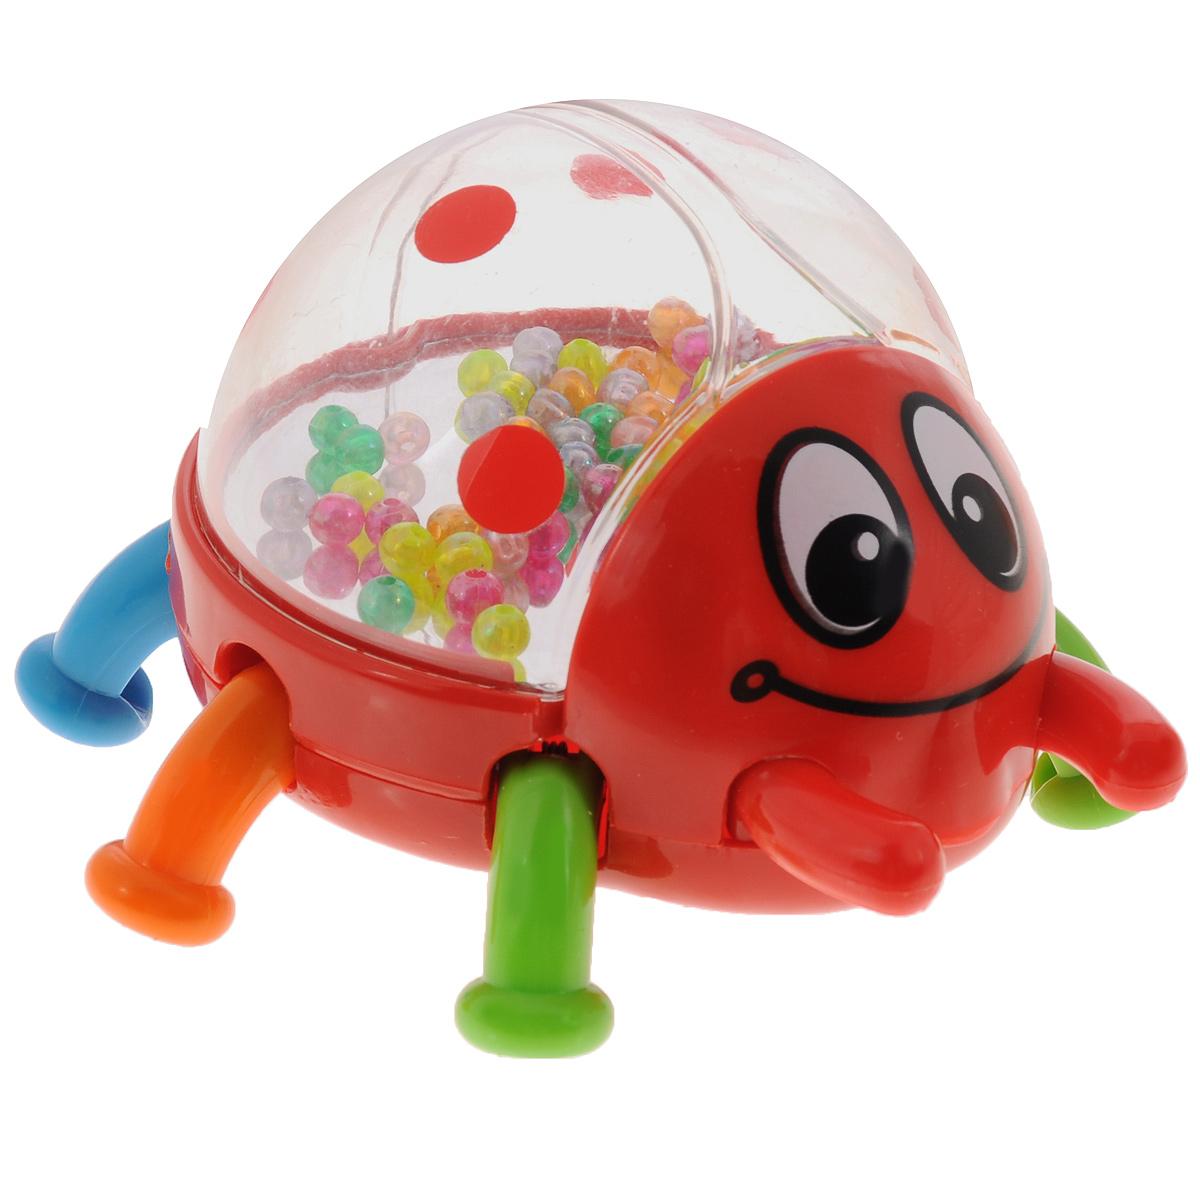 """Развивающая игрушка-погремушка Mioshi """"Жук"""", цвет: красный, Jinjiang Tanny Toys Co, Ltd"""